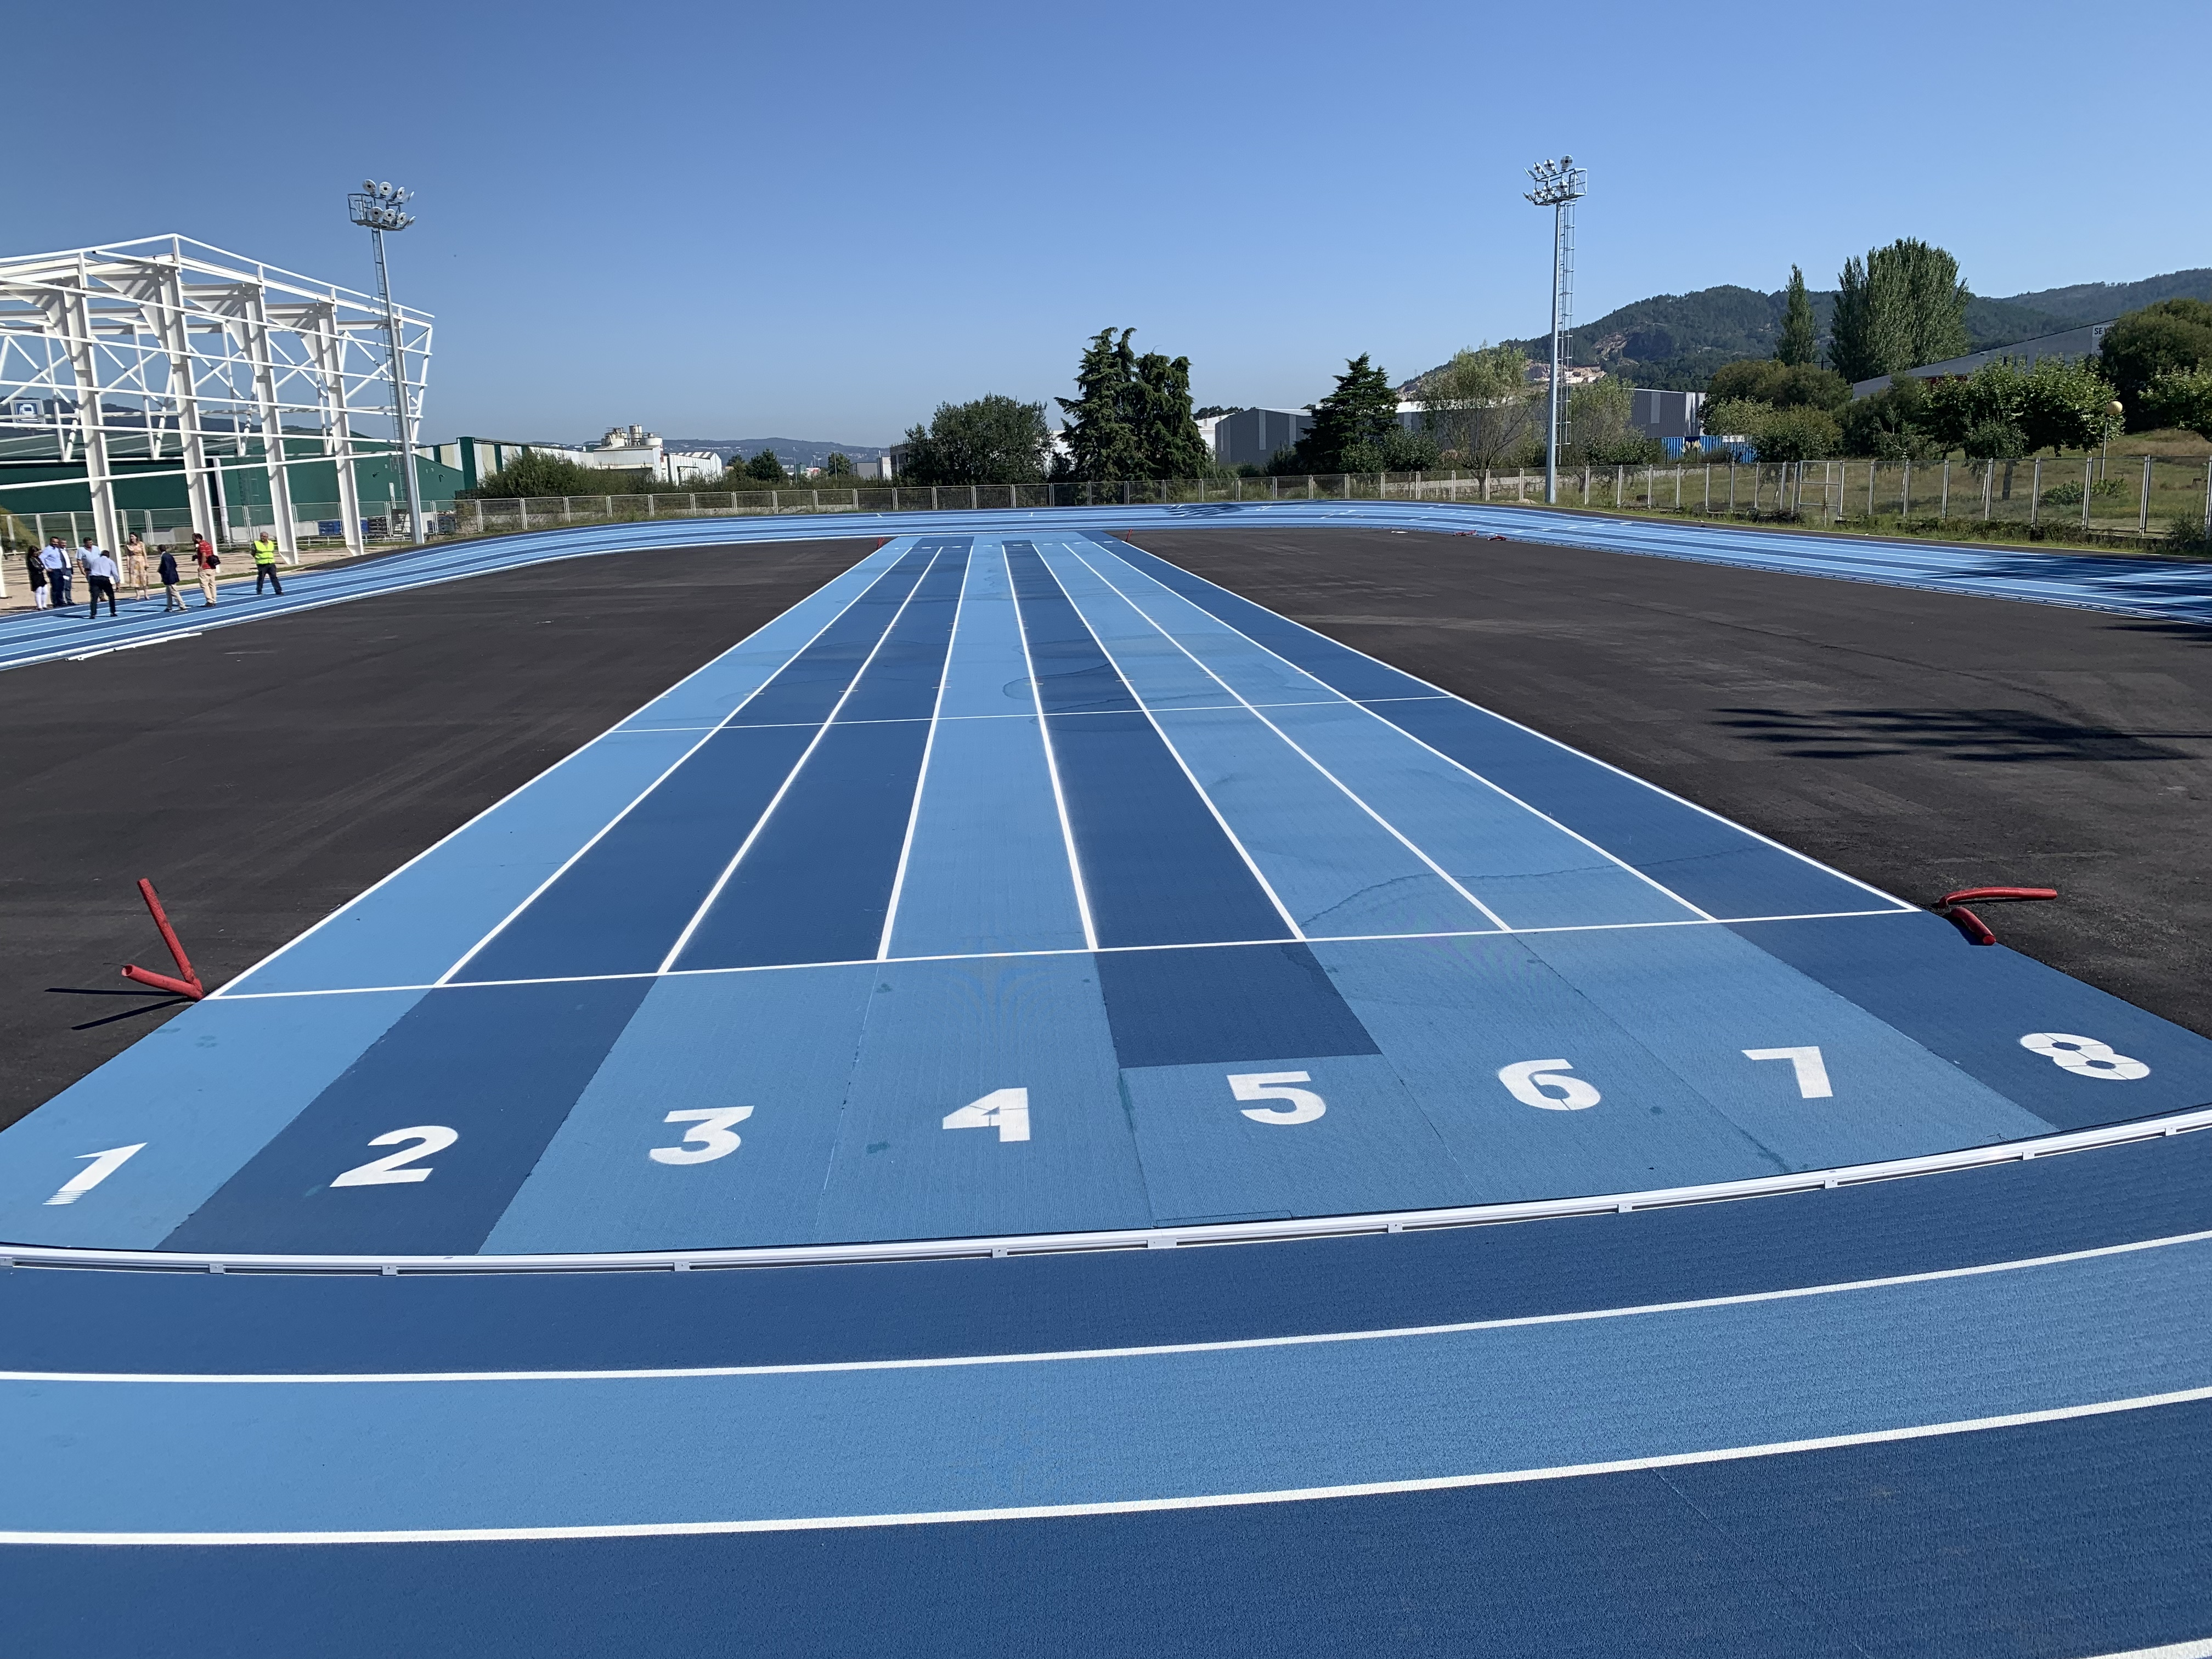 Unha comitiva da Deputación pondera a excelencia das pistas e módulo de atletismo de Porriño